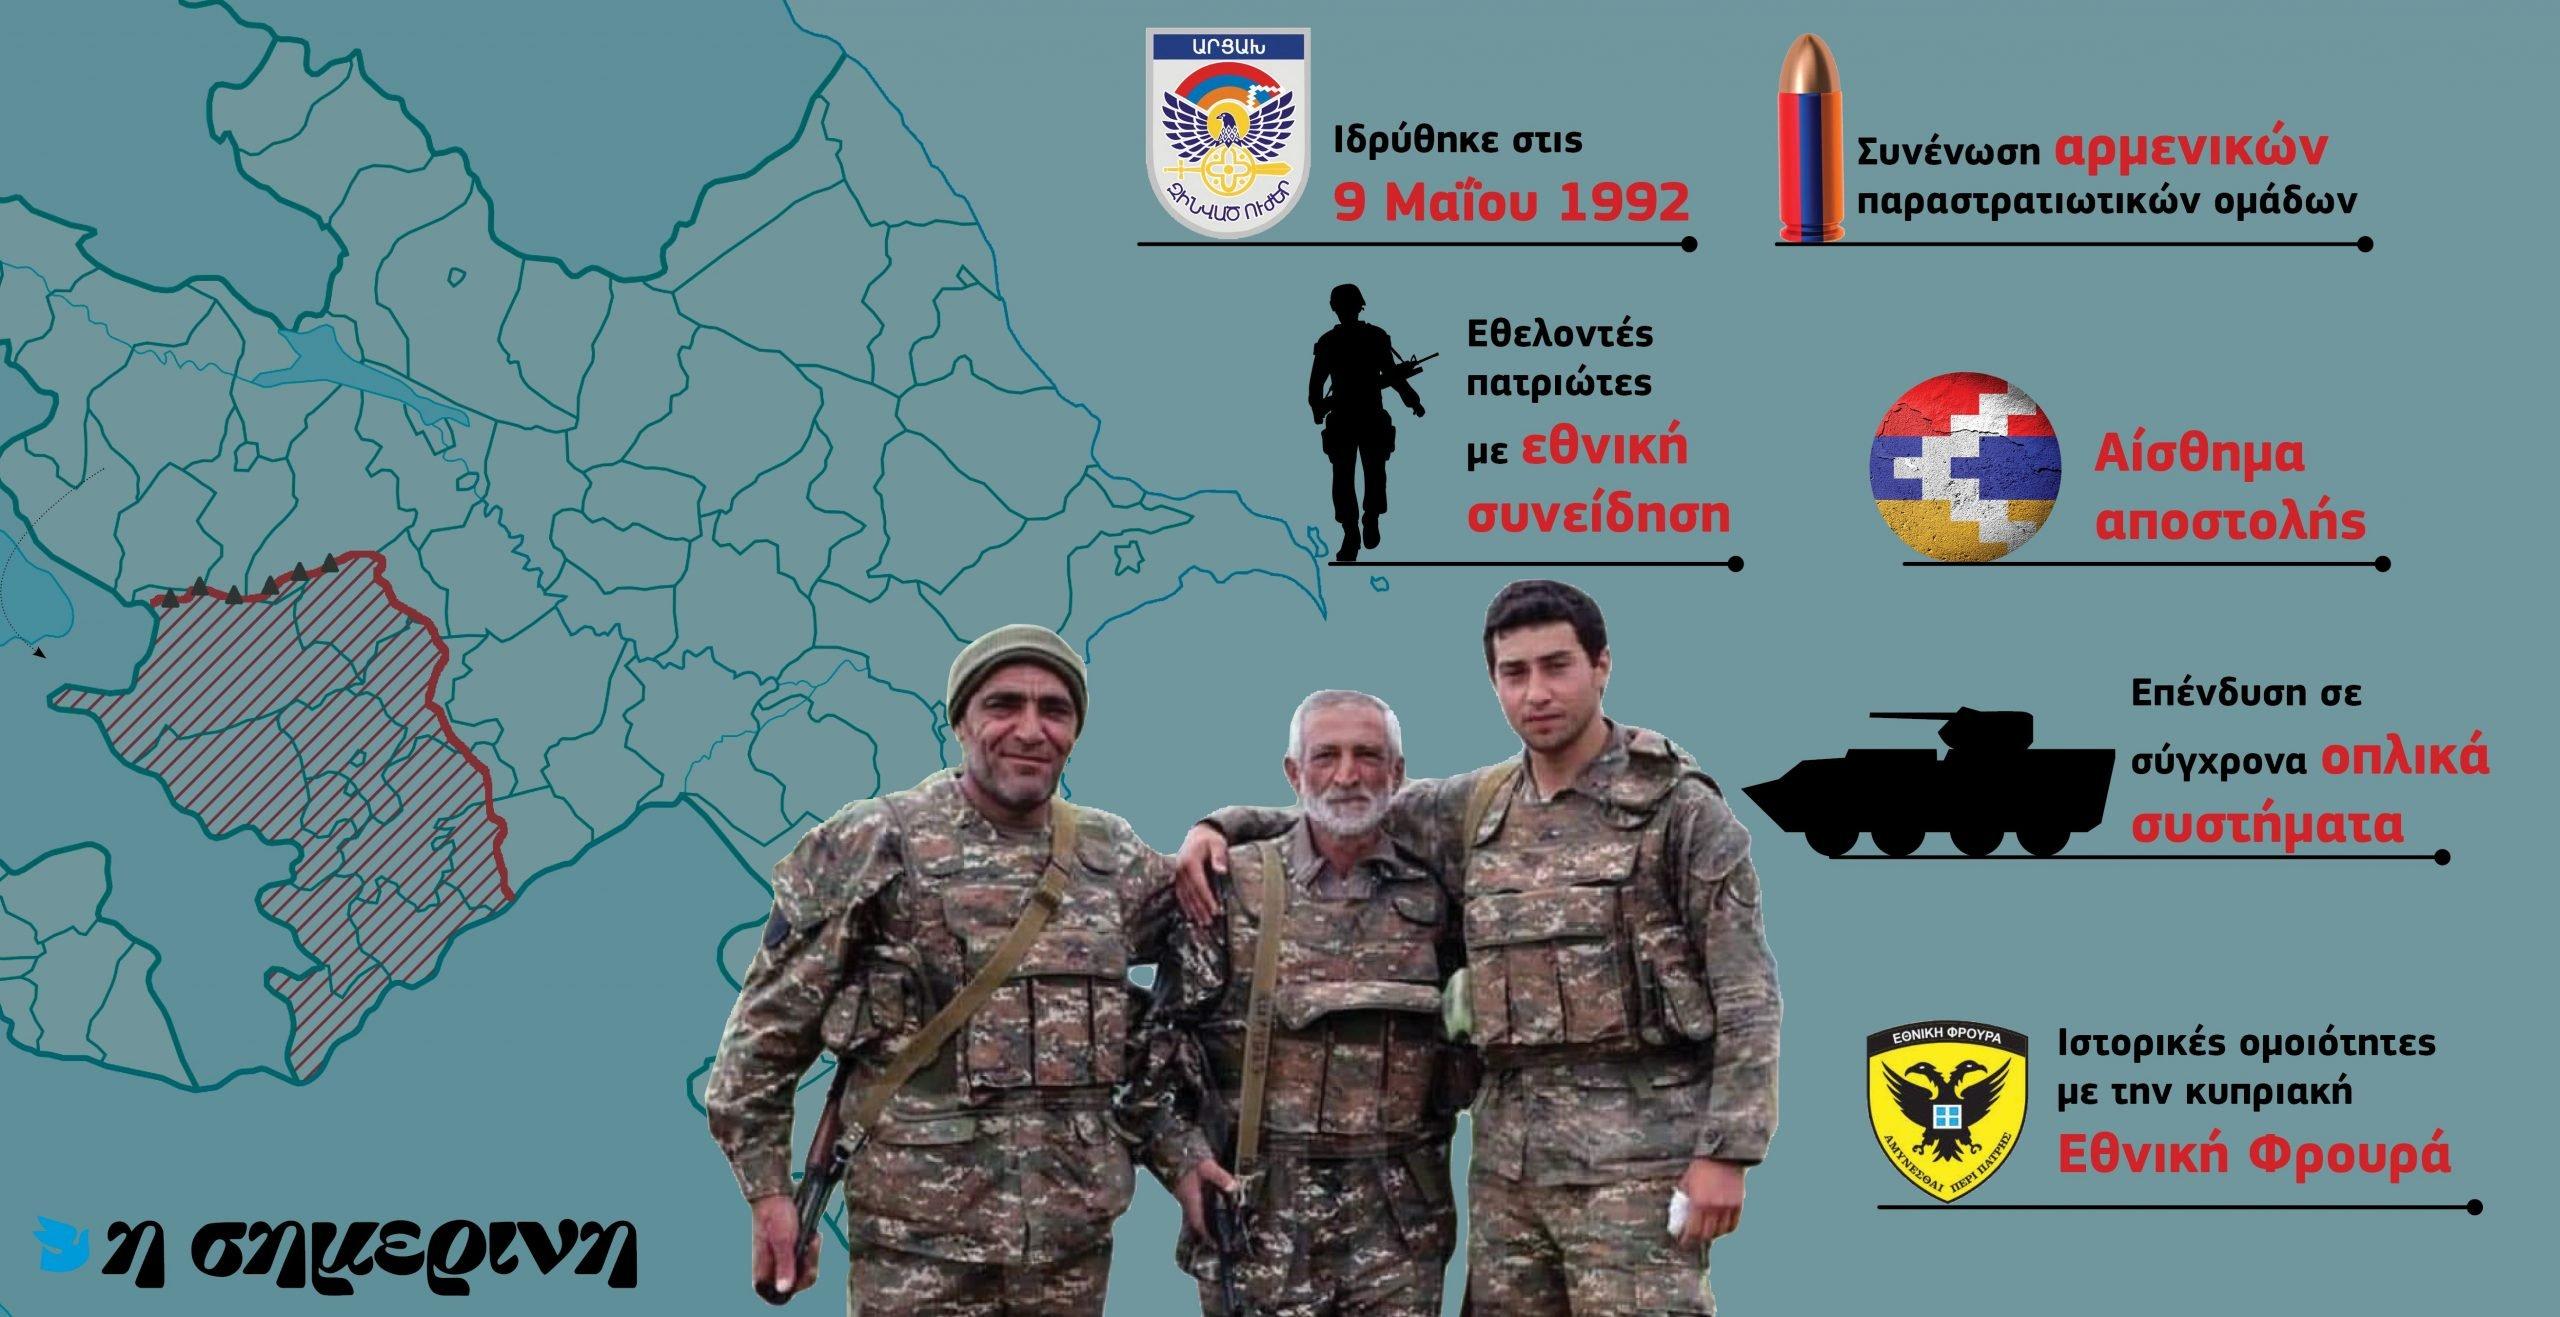 Οι ήρωες πολεμούν σαν Αρμένιοι!!!..